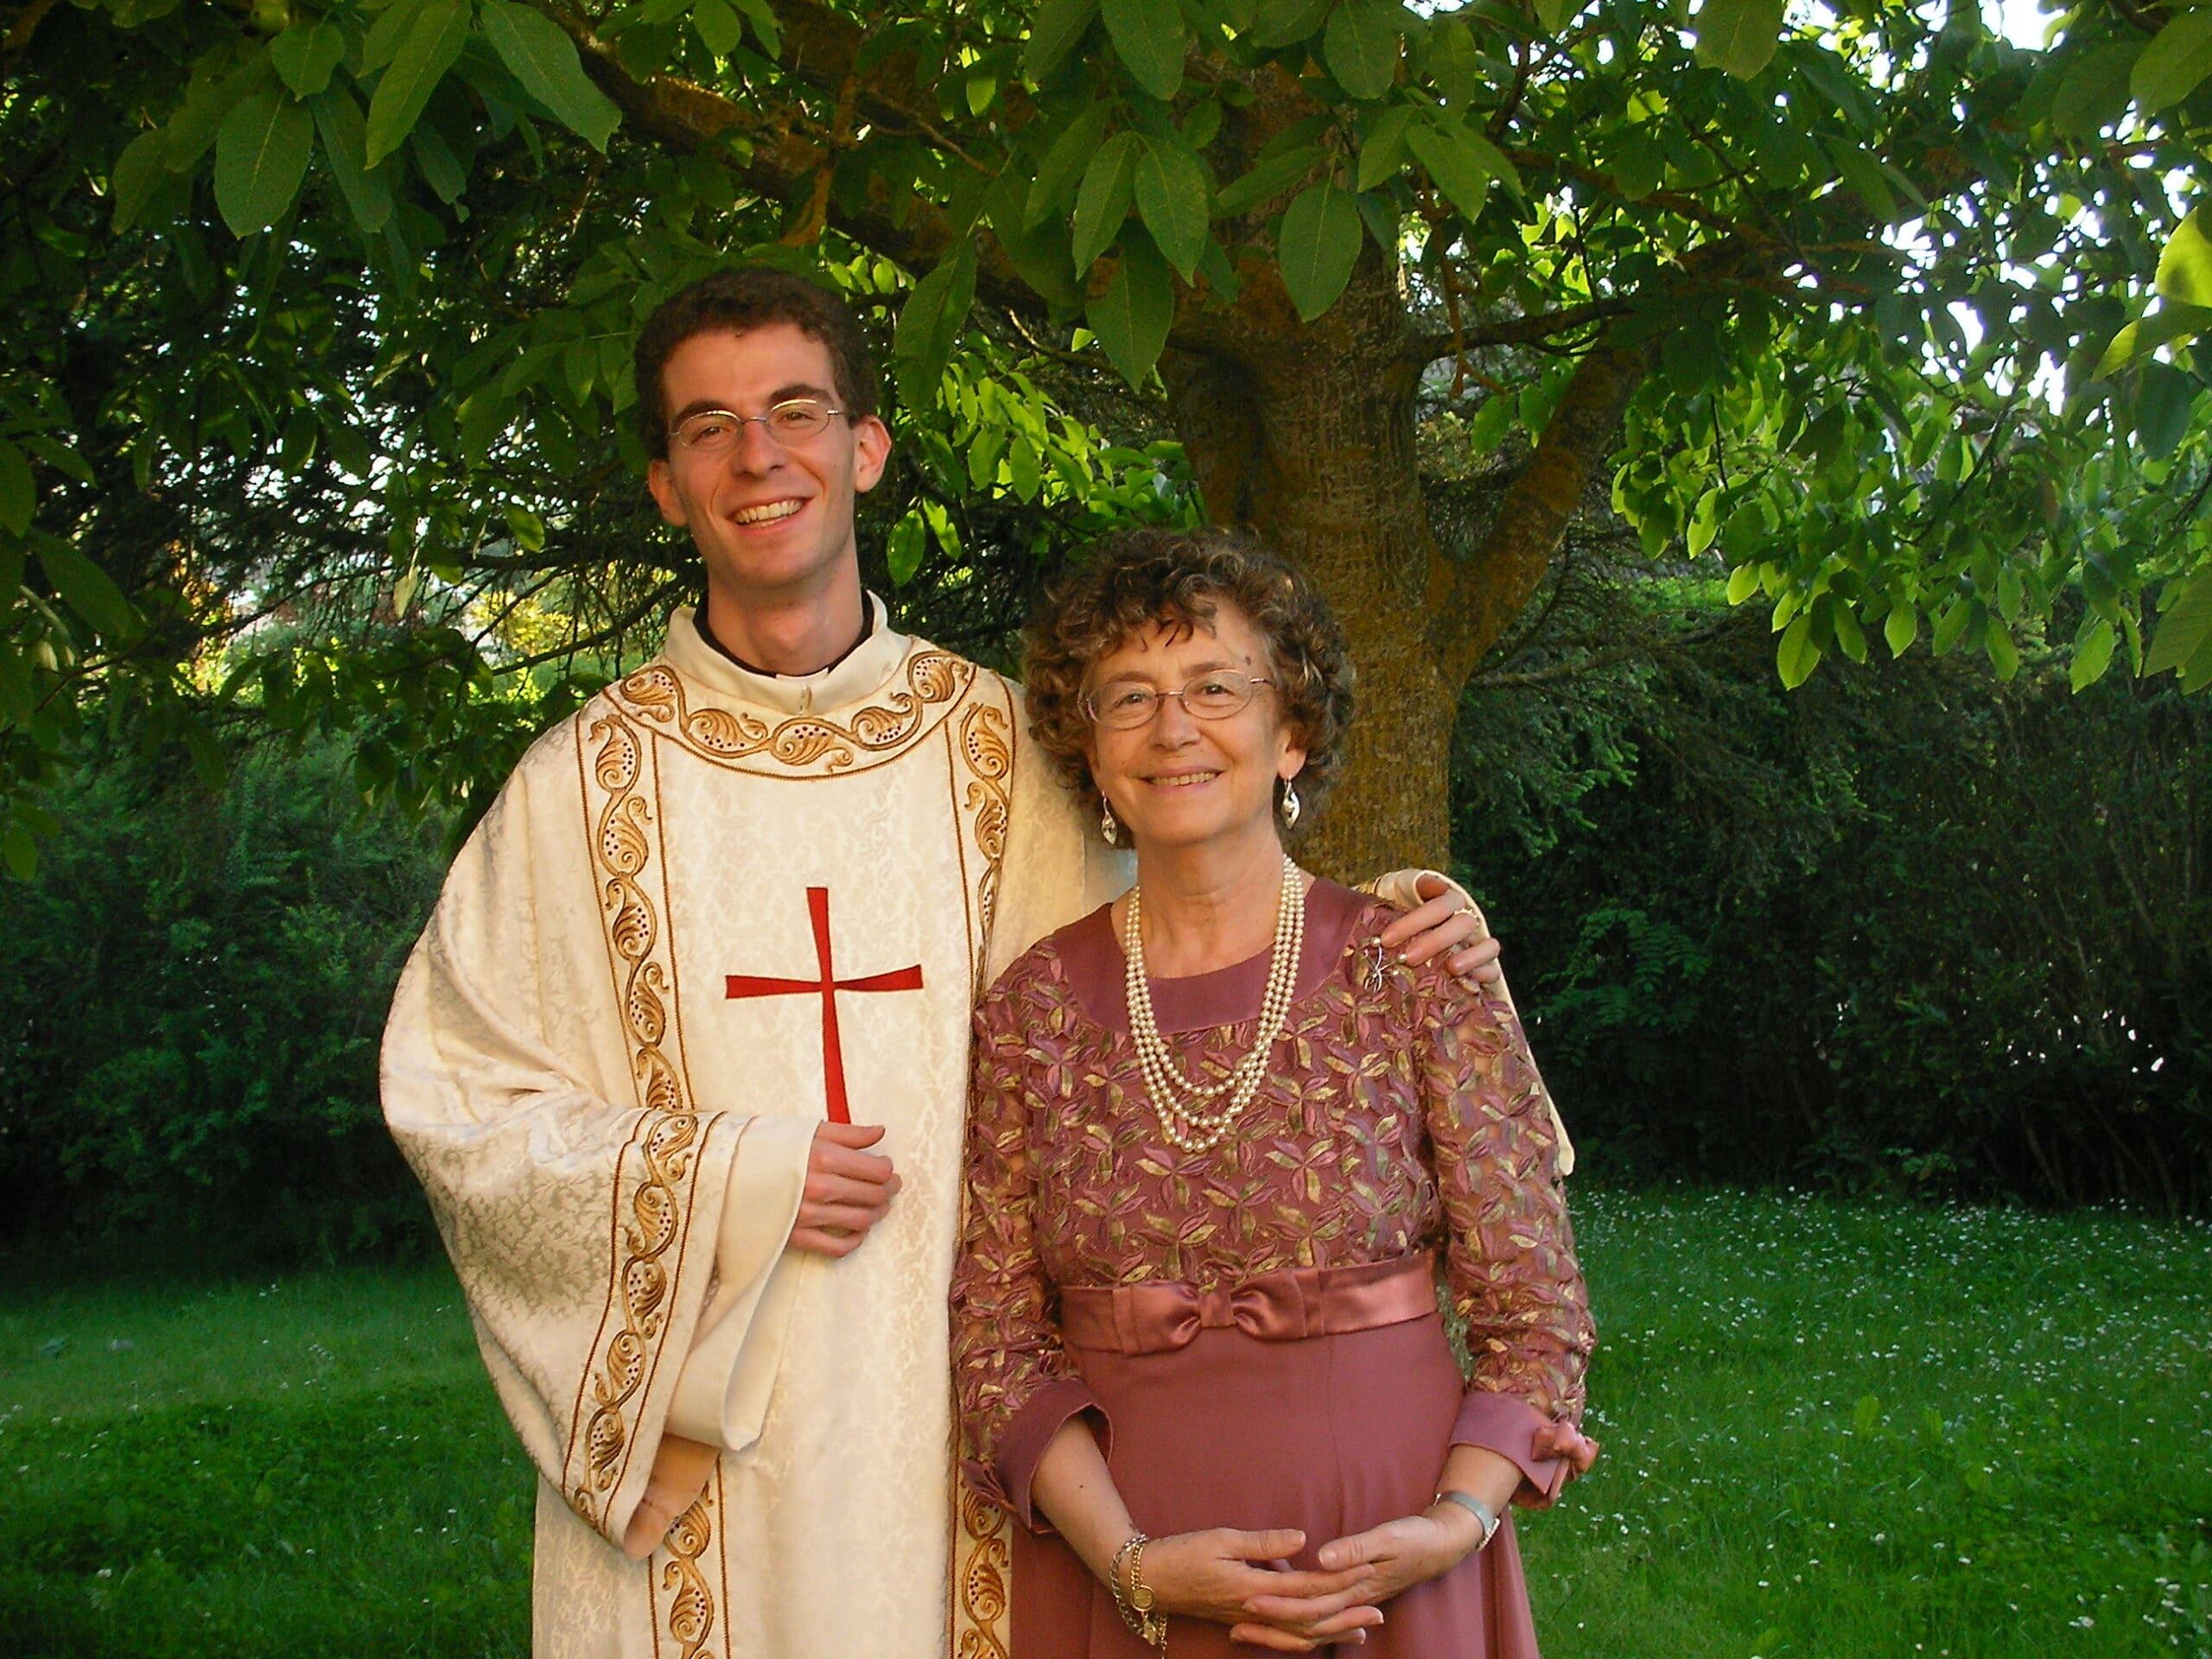 A las mamás de los sacerdotes